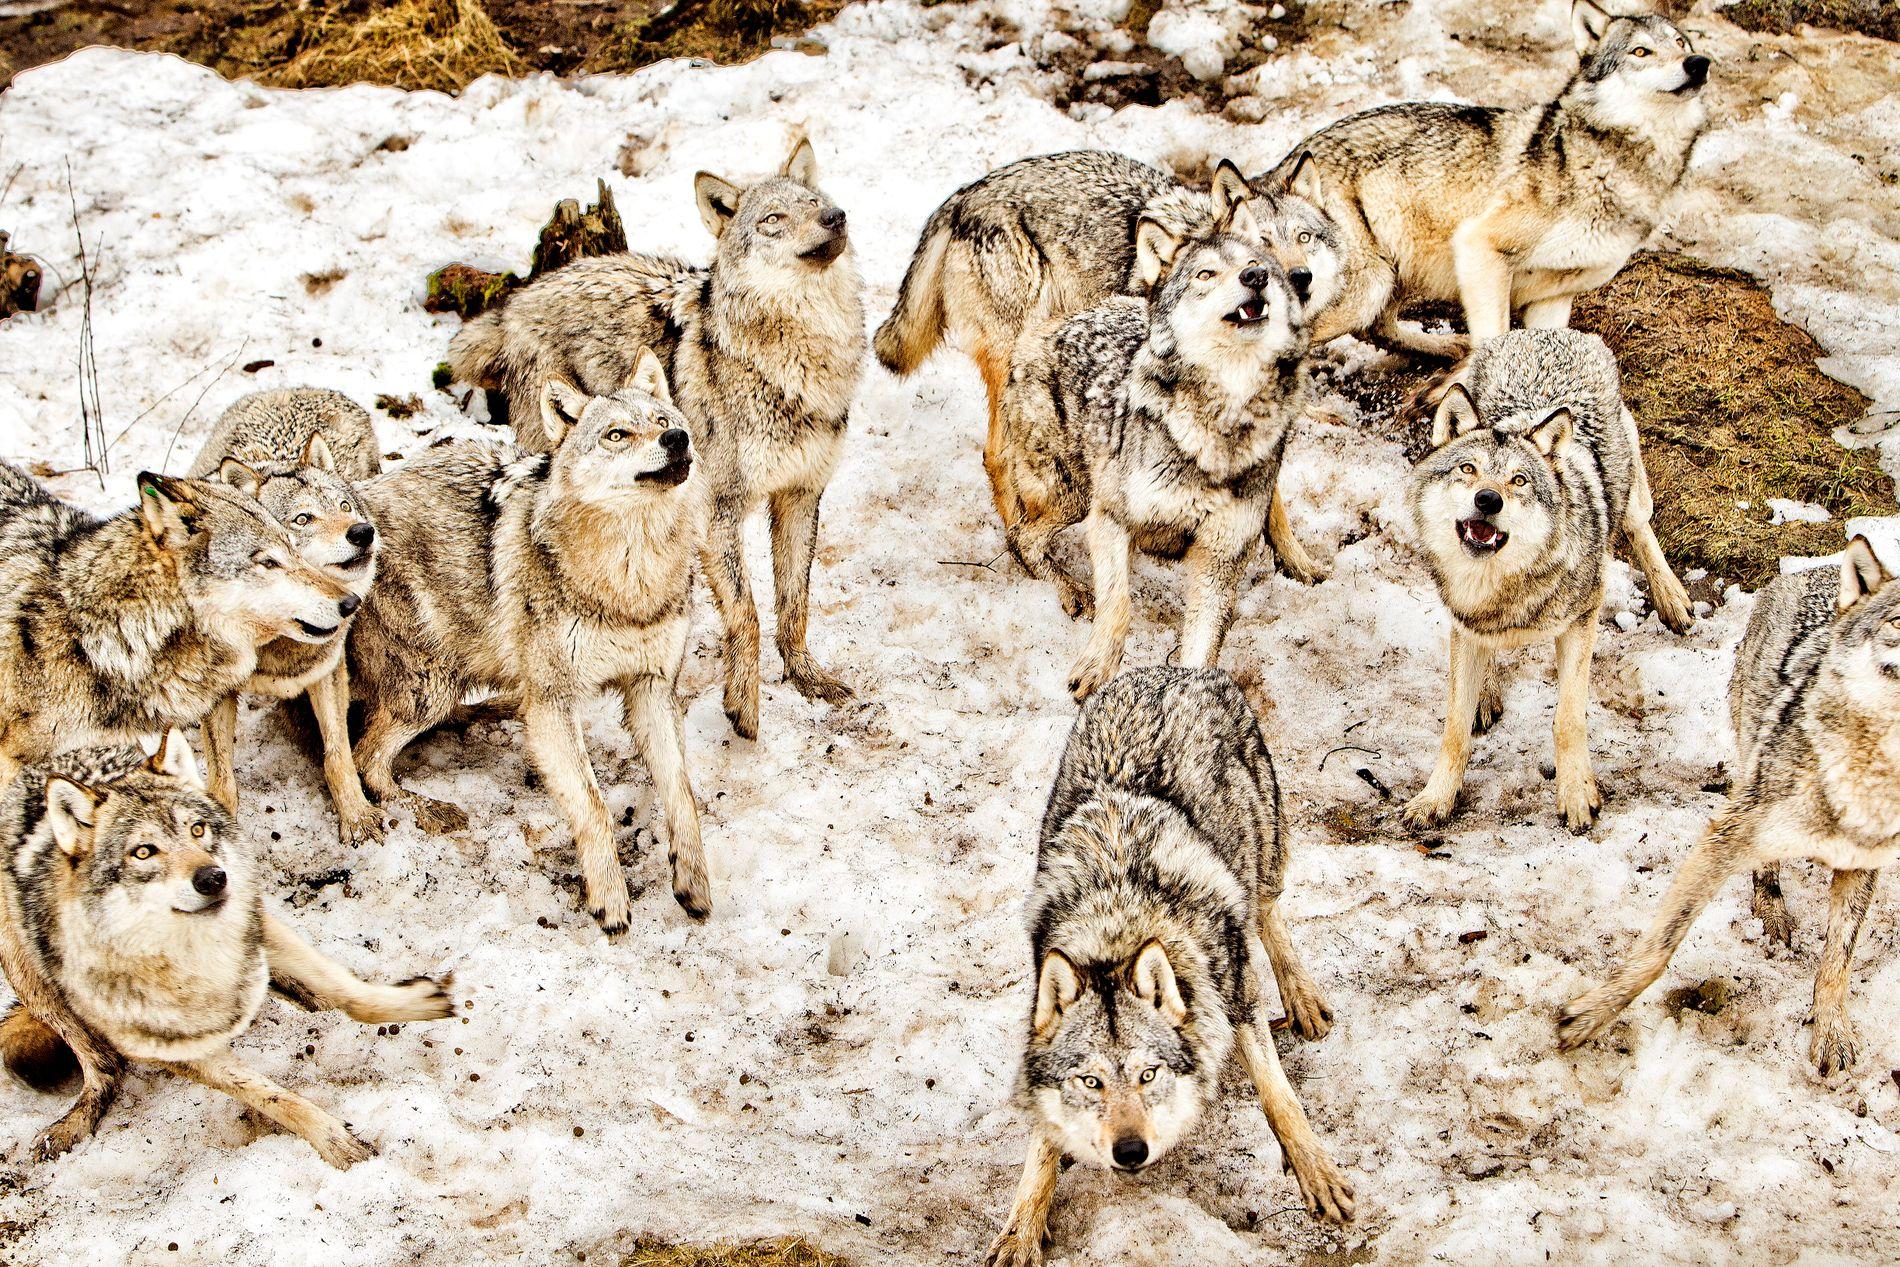 BESKATTES: Nye kriterier skal inn i naturmangfoldsloven slik at ulv kan avskytes uten å ha forvoldt skade først . Bildet er fra Namsskogan familiepark i Nord-Trøndelag.